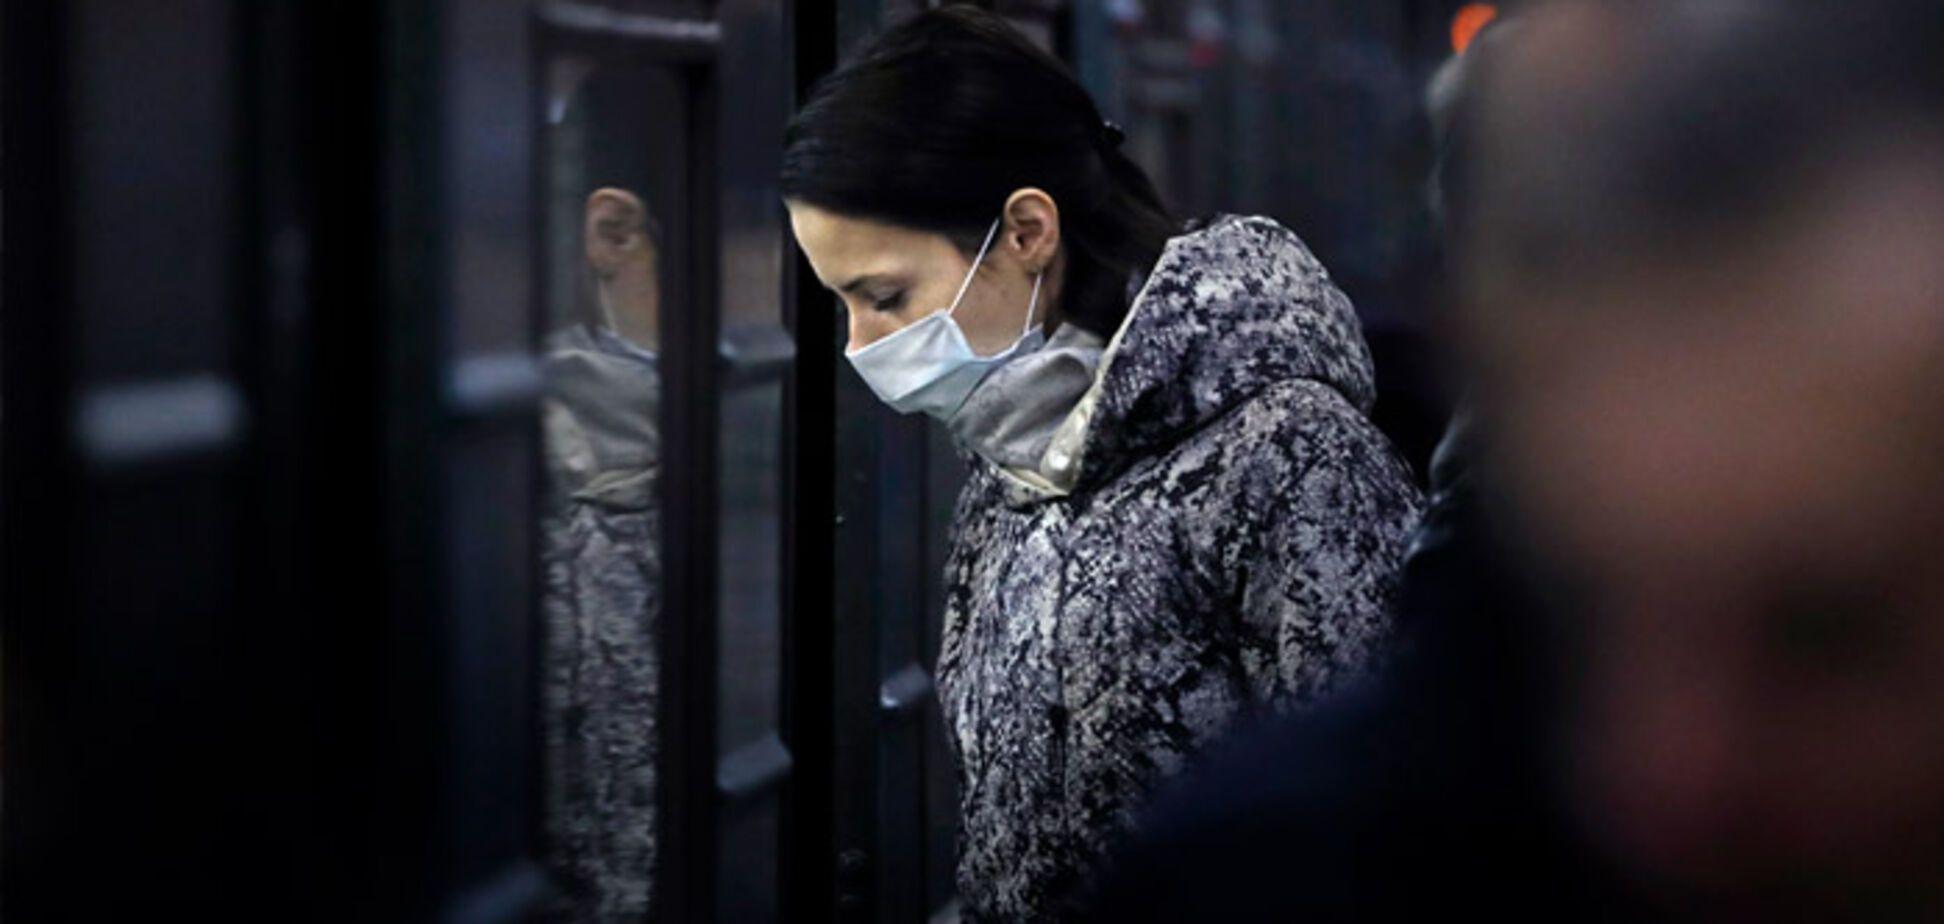 Коронавирус в России: больницы в Москве и Питере переполнены заболевшими